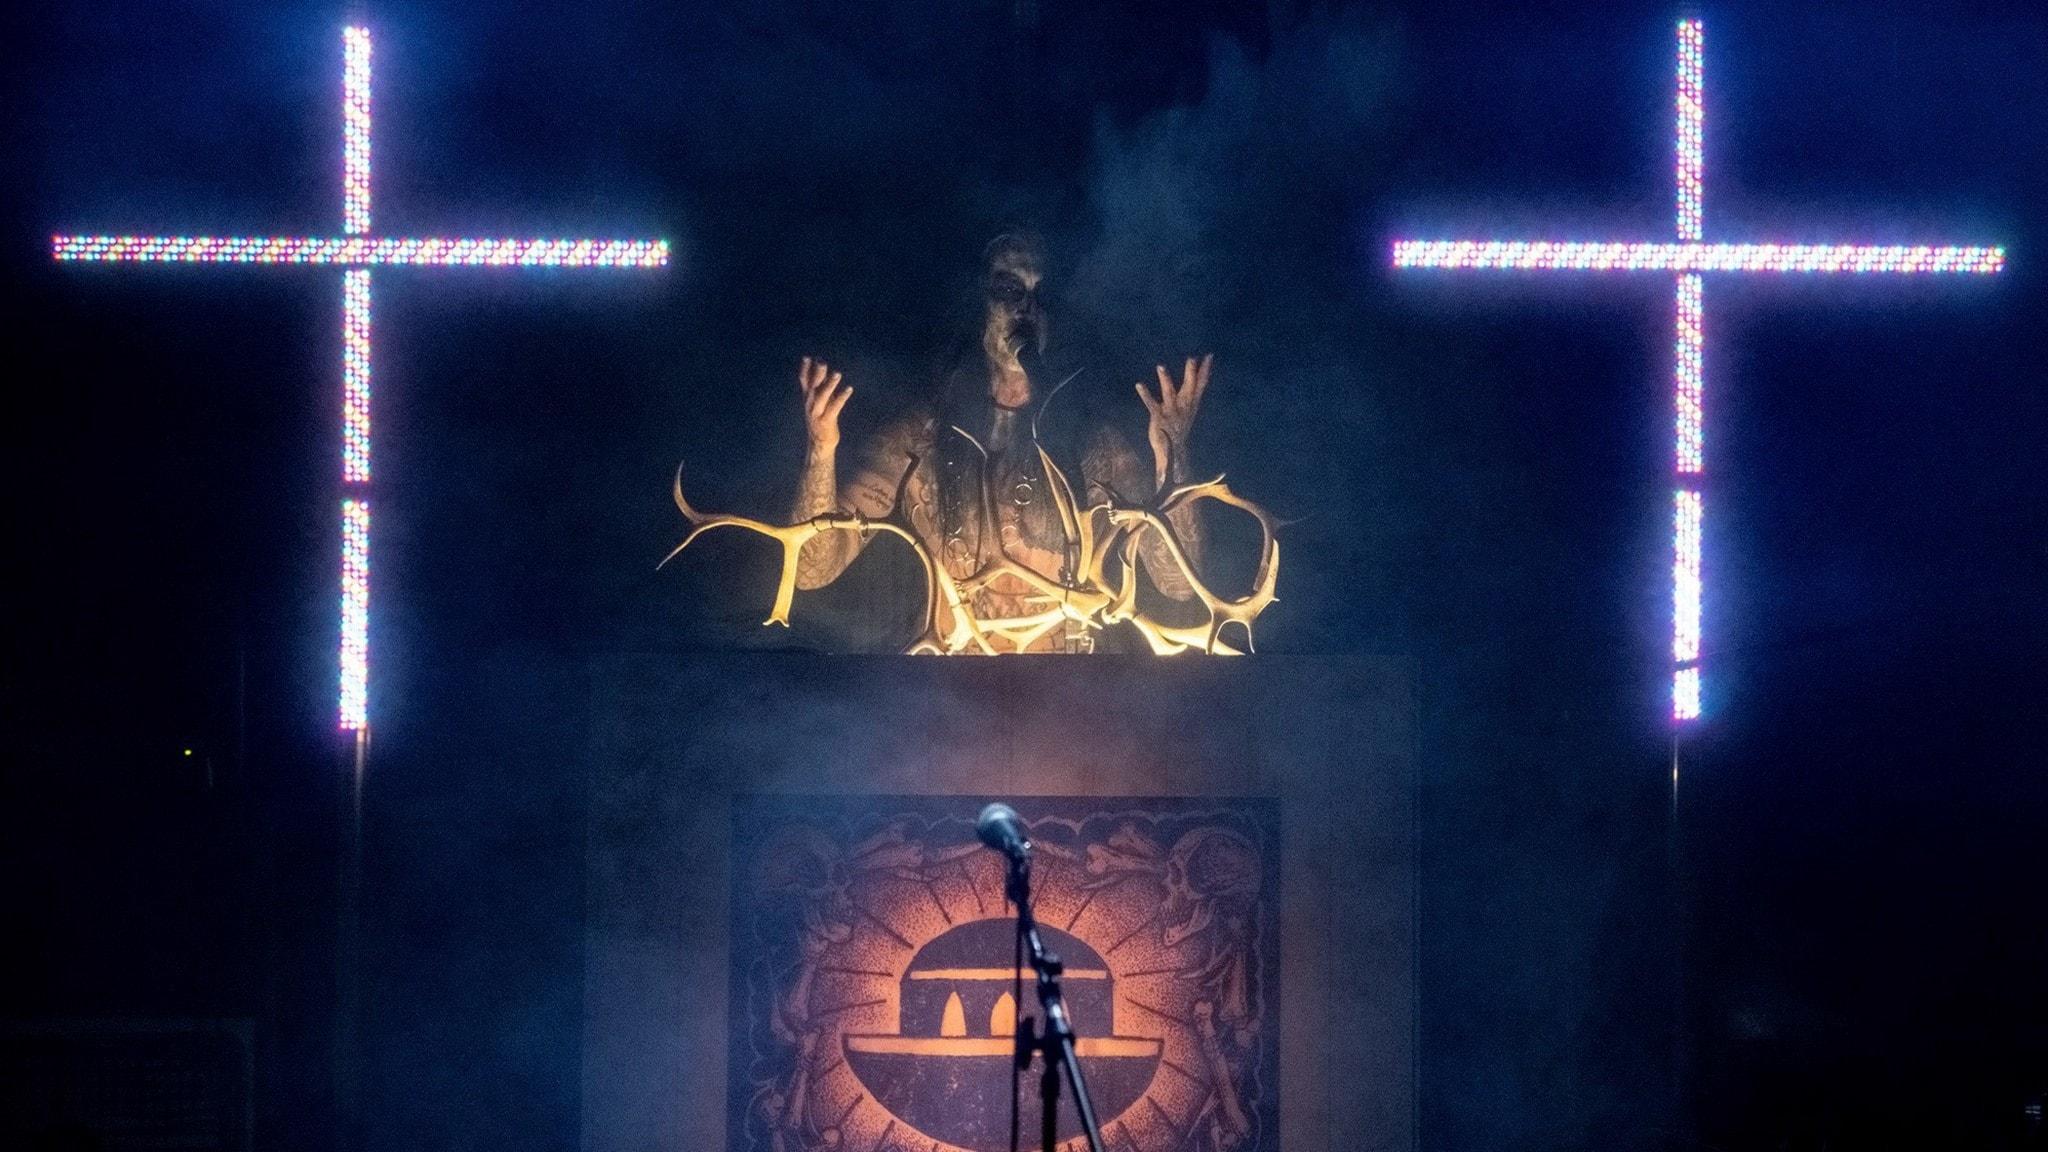 Predikan från konsert med blackmetalbandet Korpelarörelsen